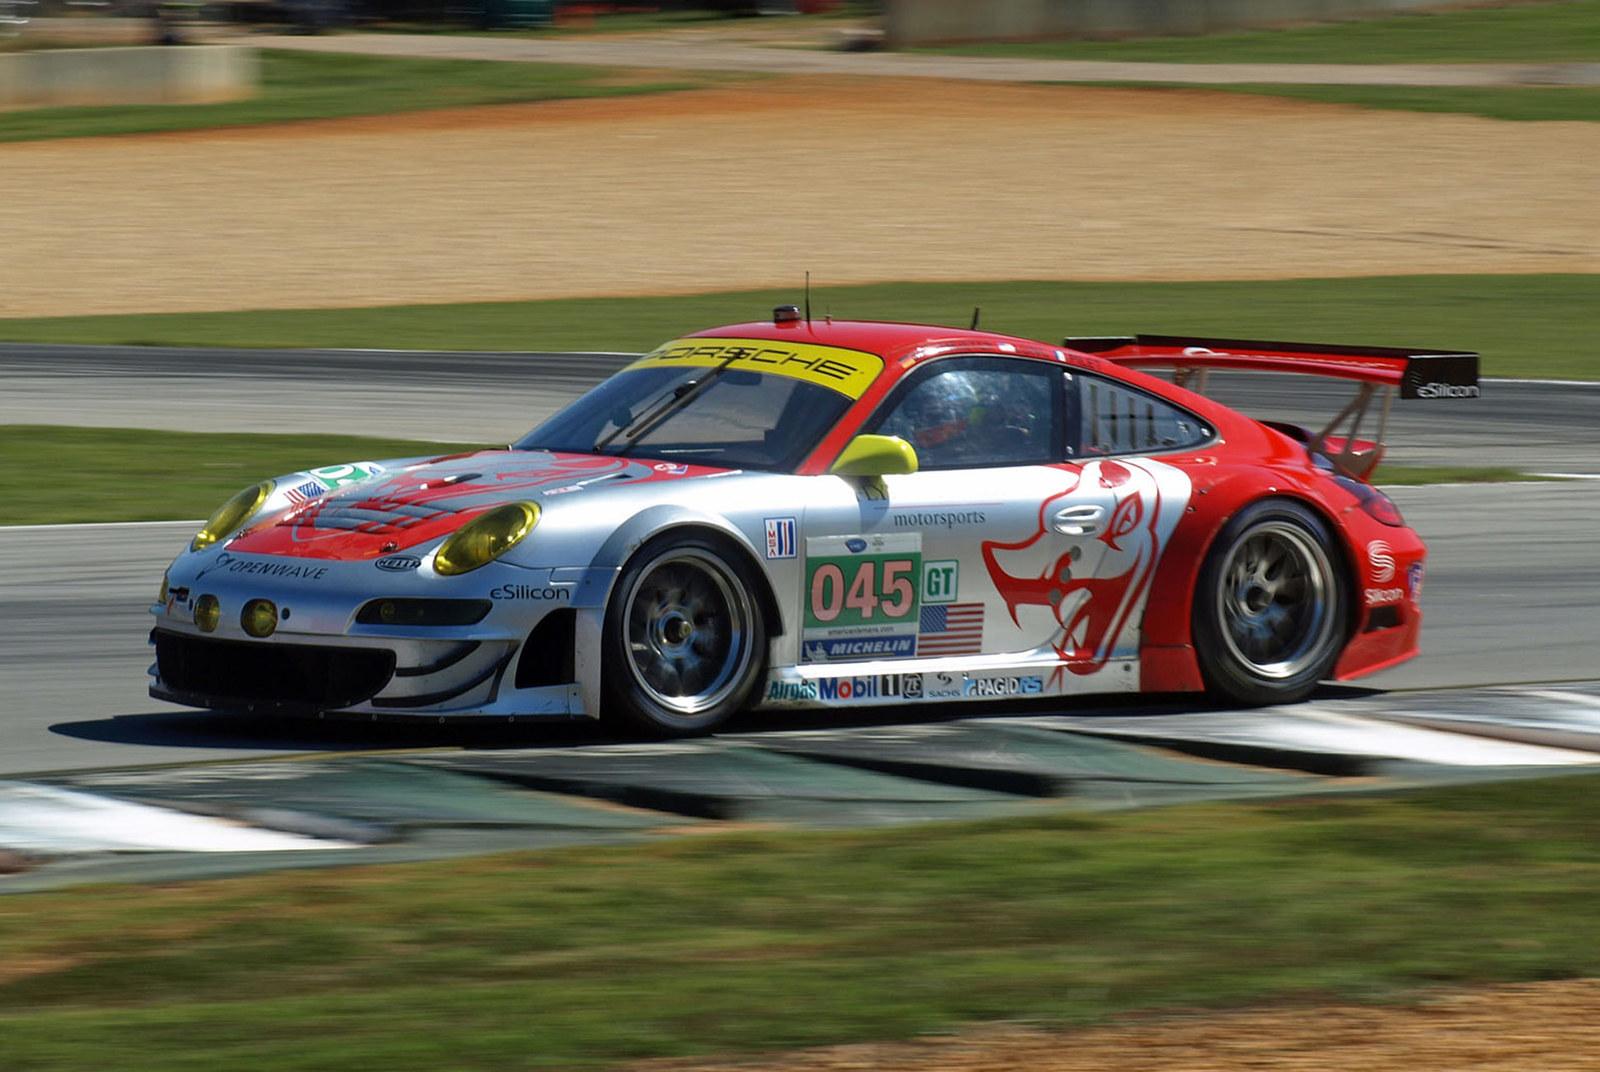 2011-Flying-Lizard-Porsche-911-type-997-GT3-RSR.jpg